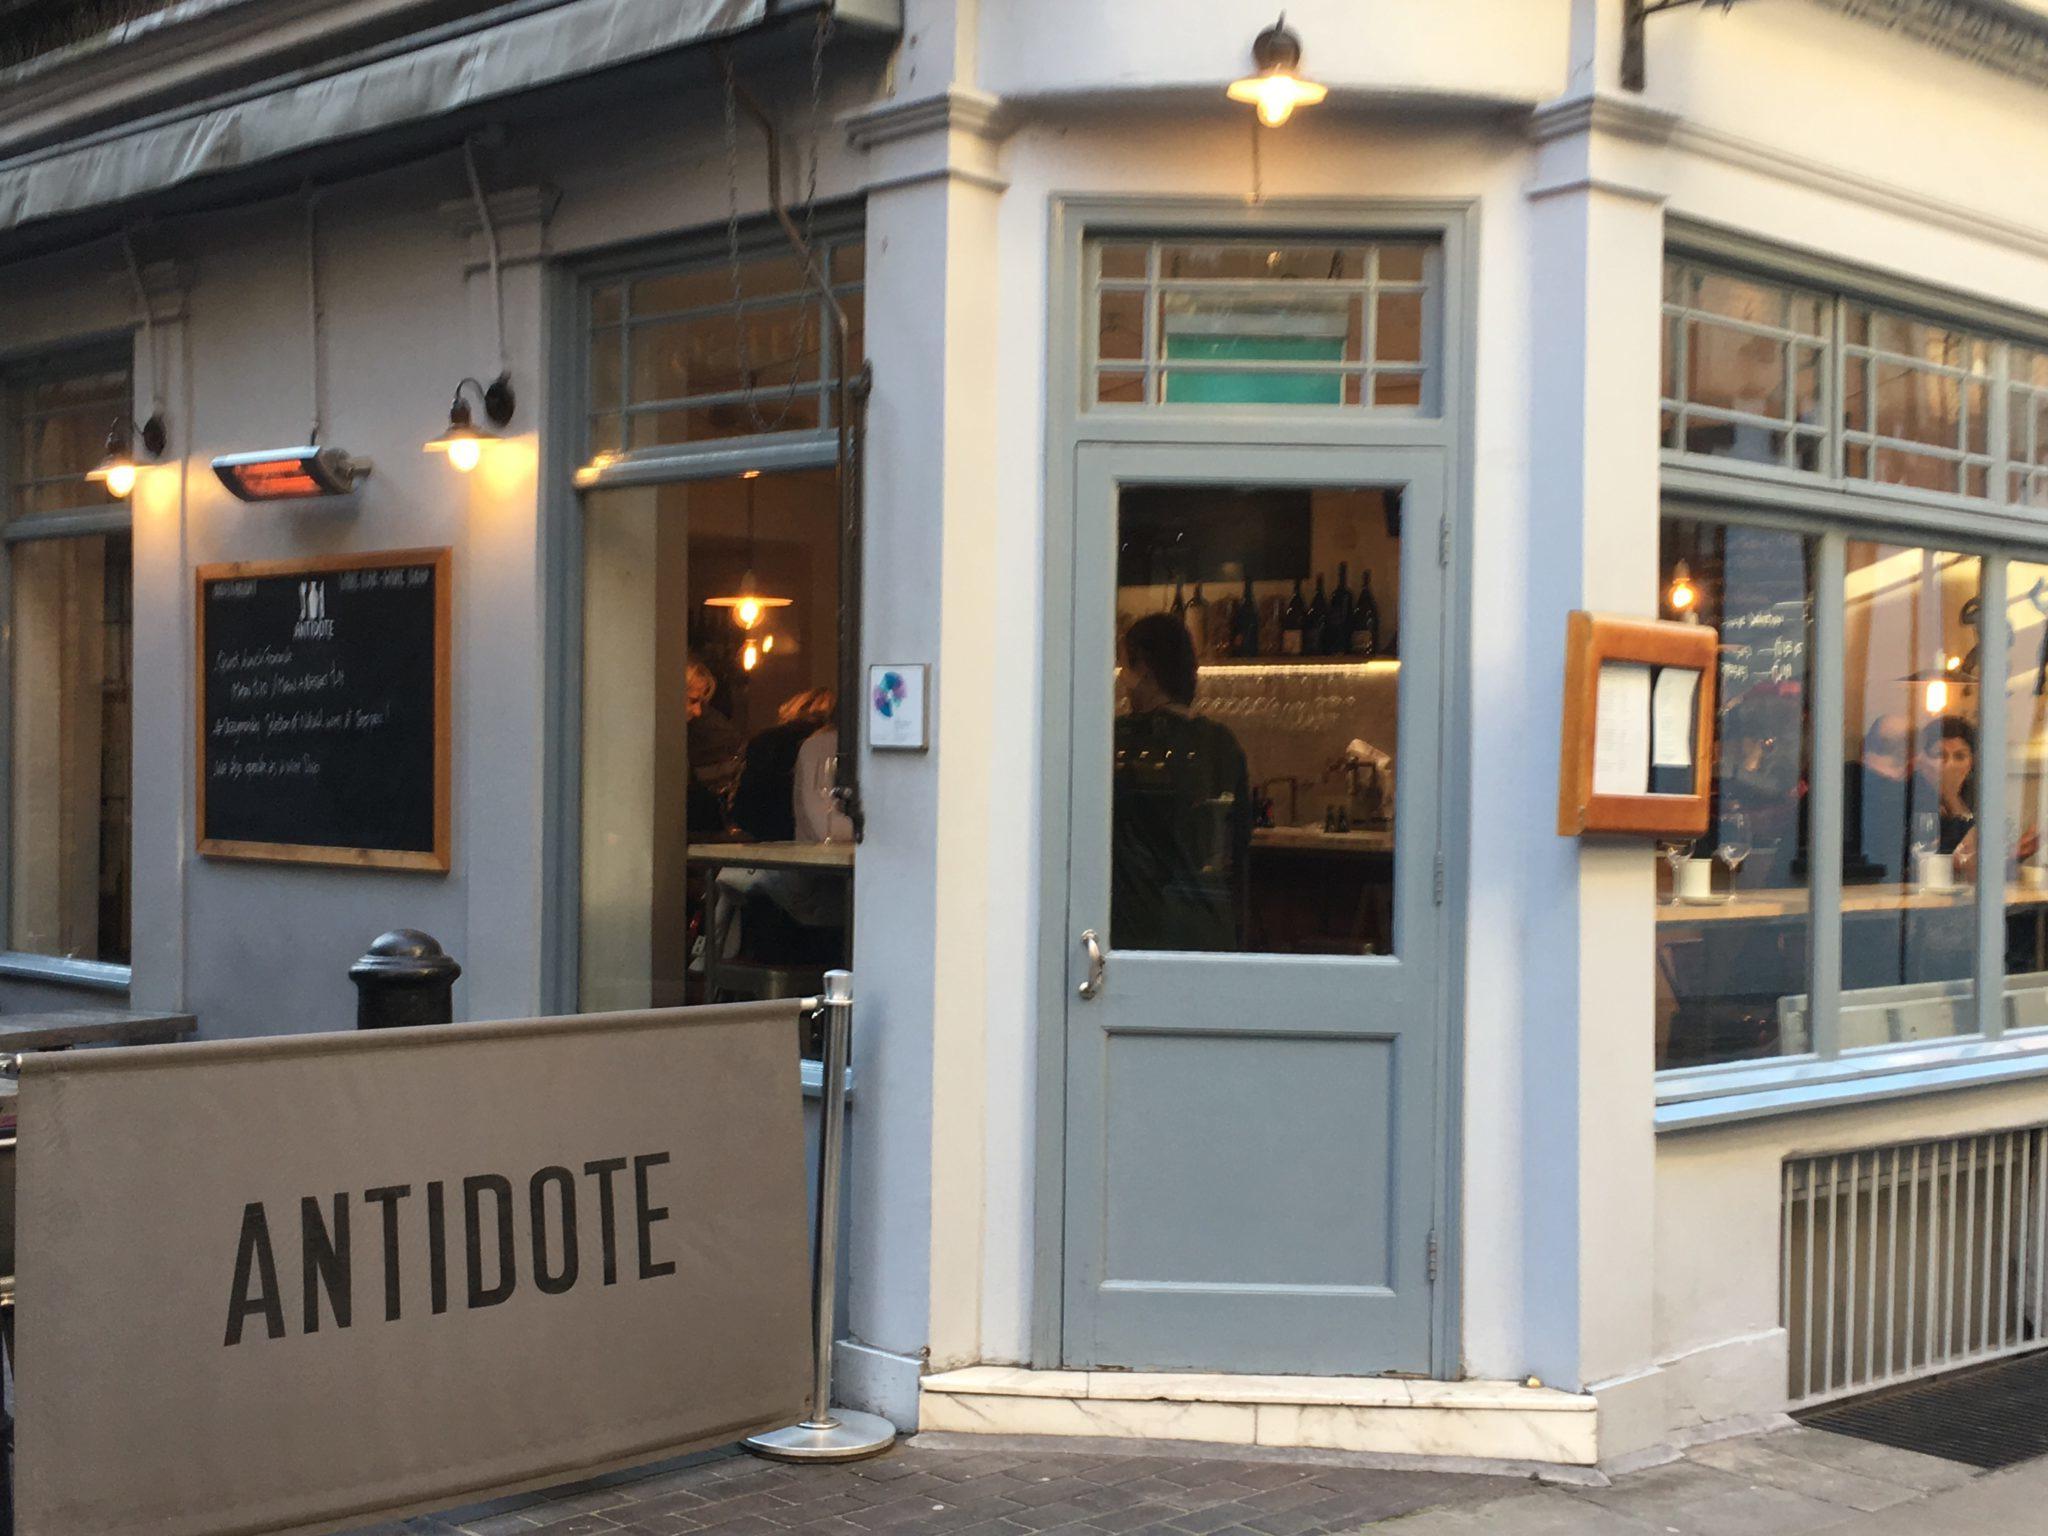 Antidote Wine Bar exterior